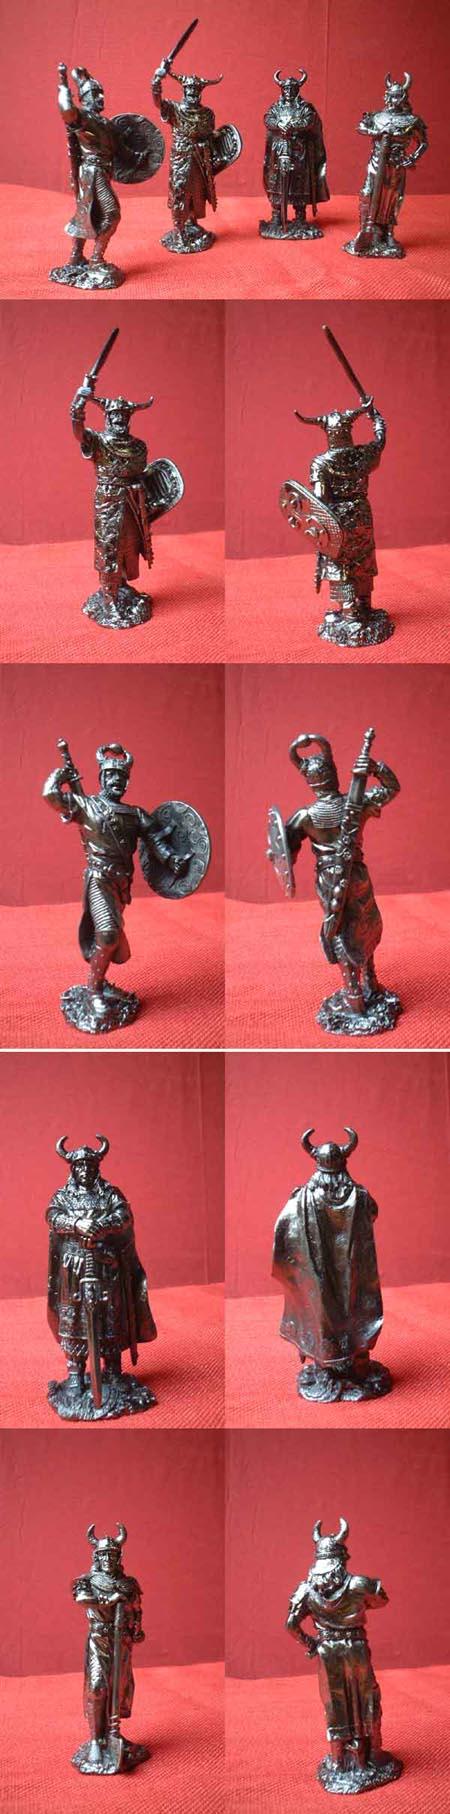 4 Wikinger / Normannen Figuren für Sammler